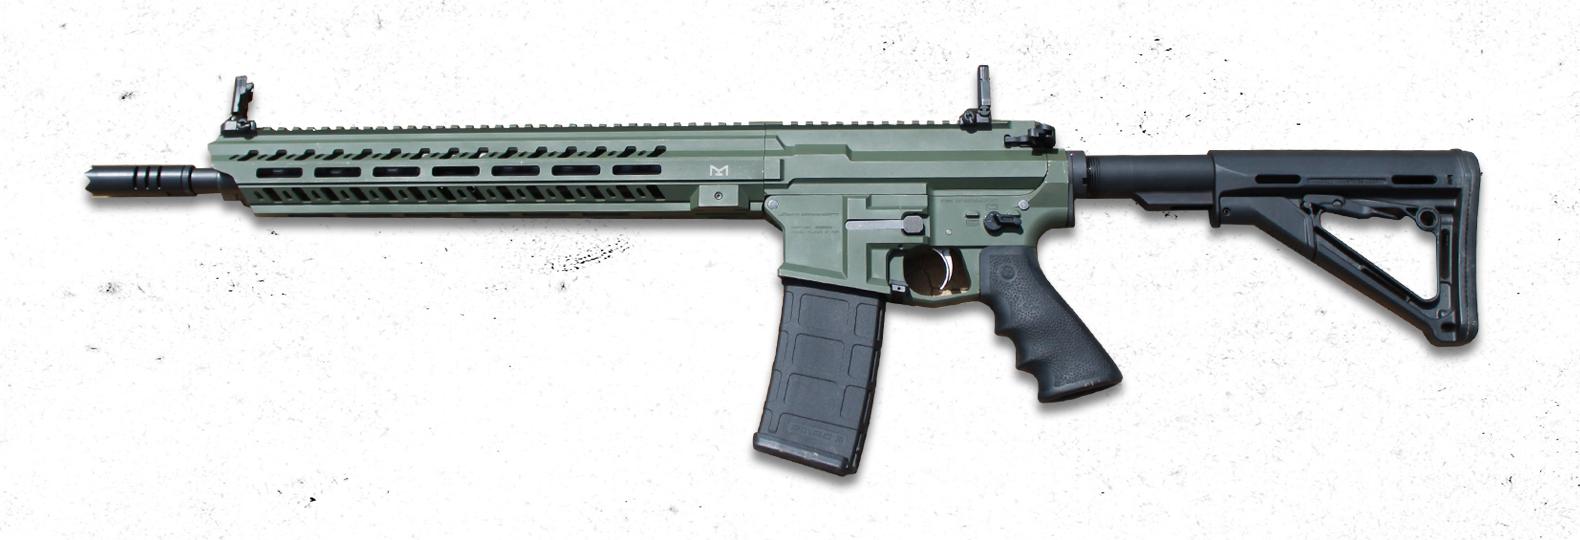 png transparent The mk mod jager. Vector carbine shroud